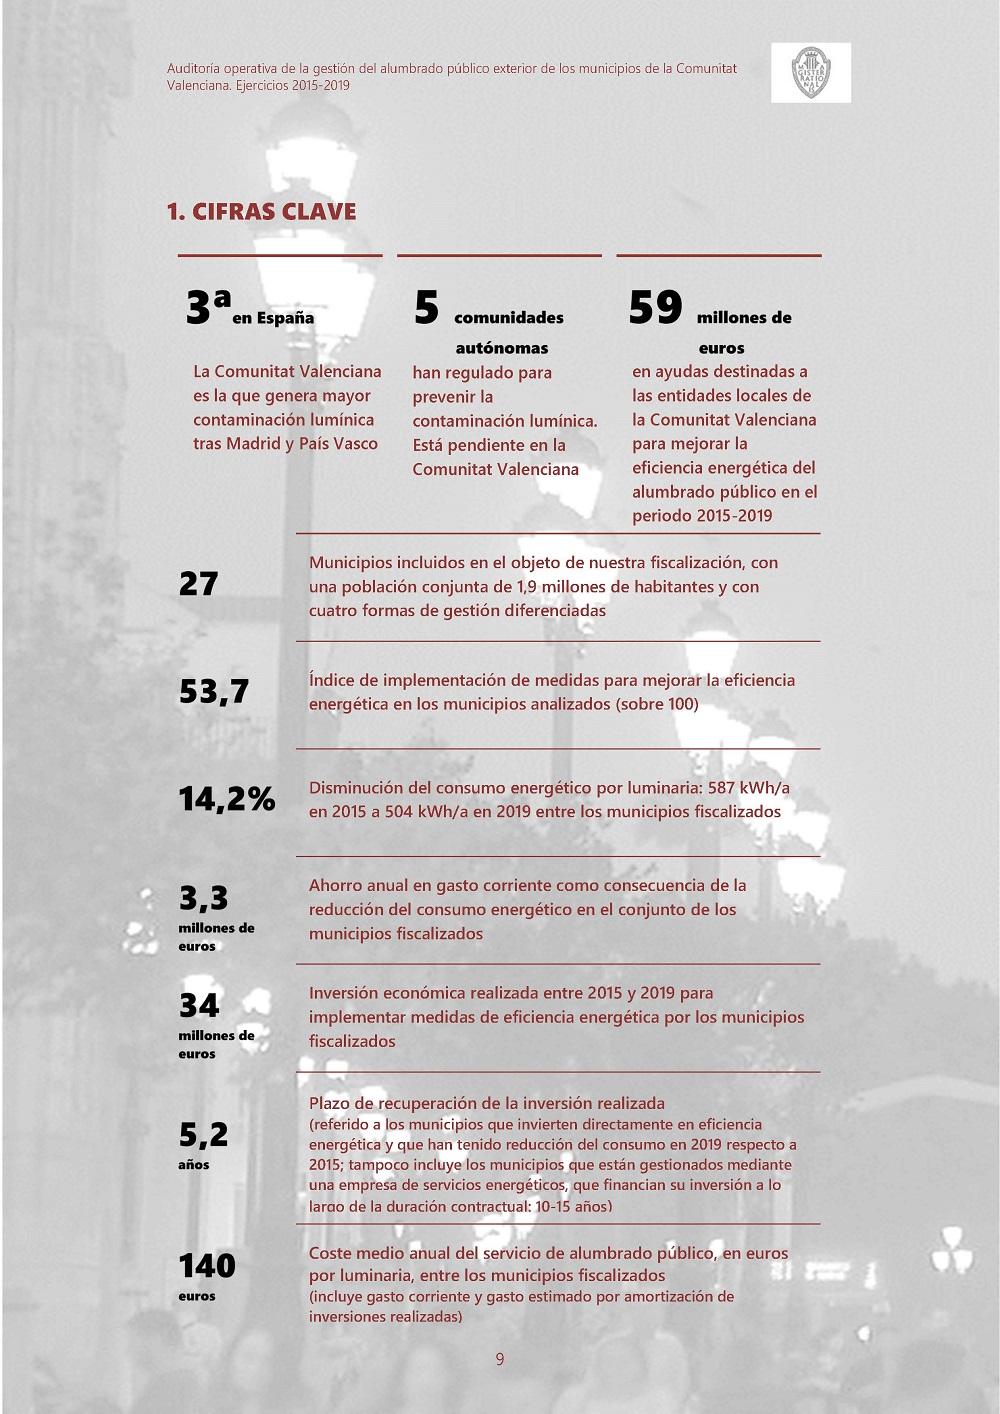 auditoria, alumbrado público, Comunidad Valenciana, Sindicatura de Comptes, Generalitat Valenciana, iluminación, contaminacion lumínica